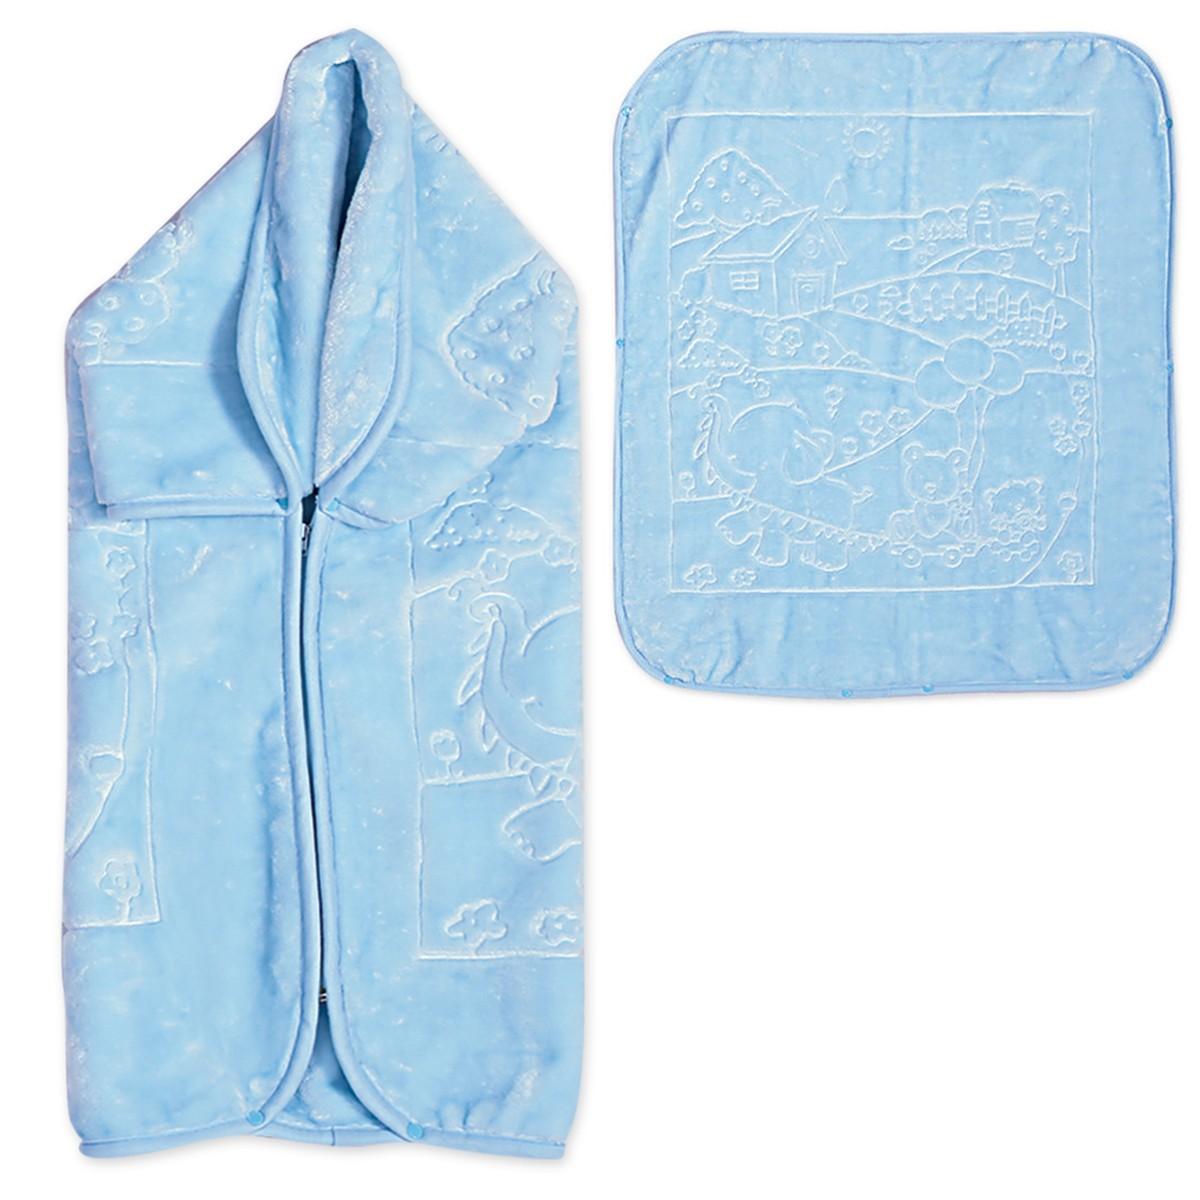 Υπνόσακος Κουβέρτα Βελουτέ Nef-Nef Play House Blue home   βρεφικά   υπνόσακοι βρεφικοί